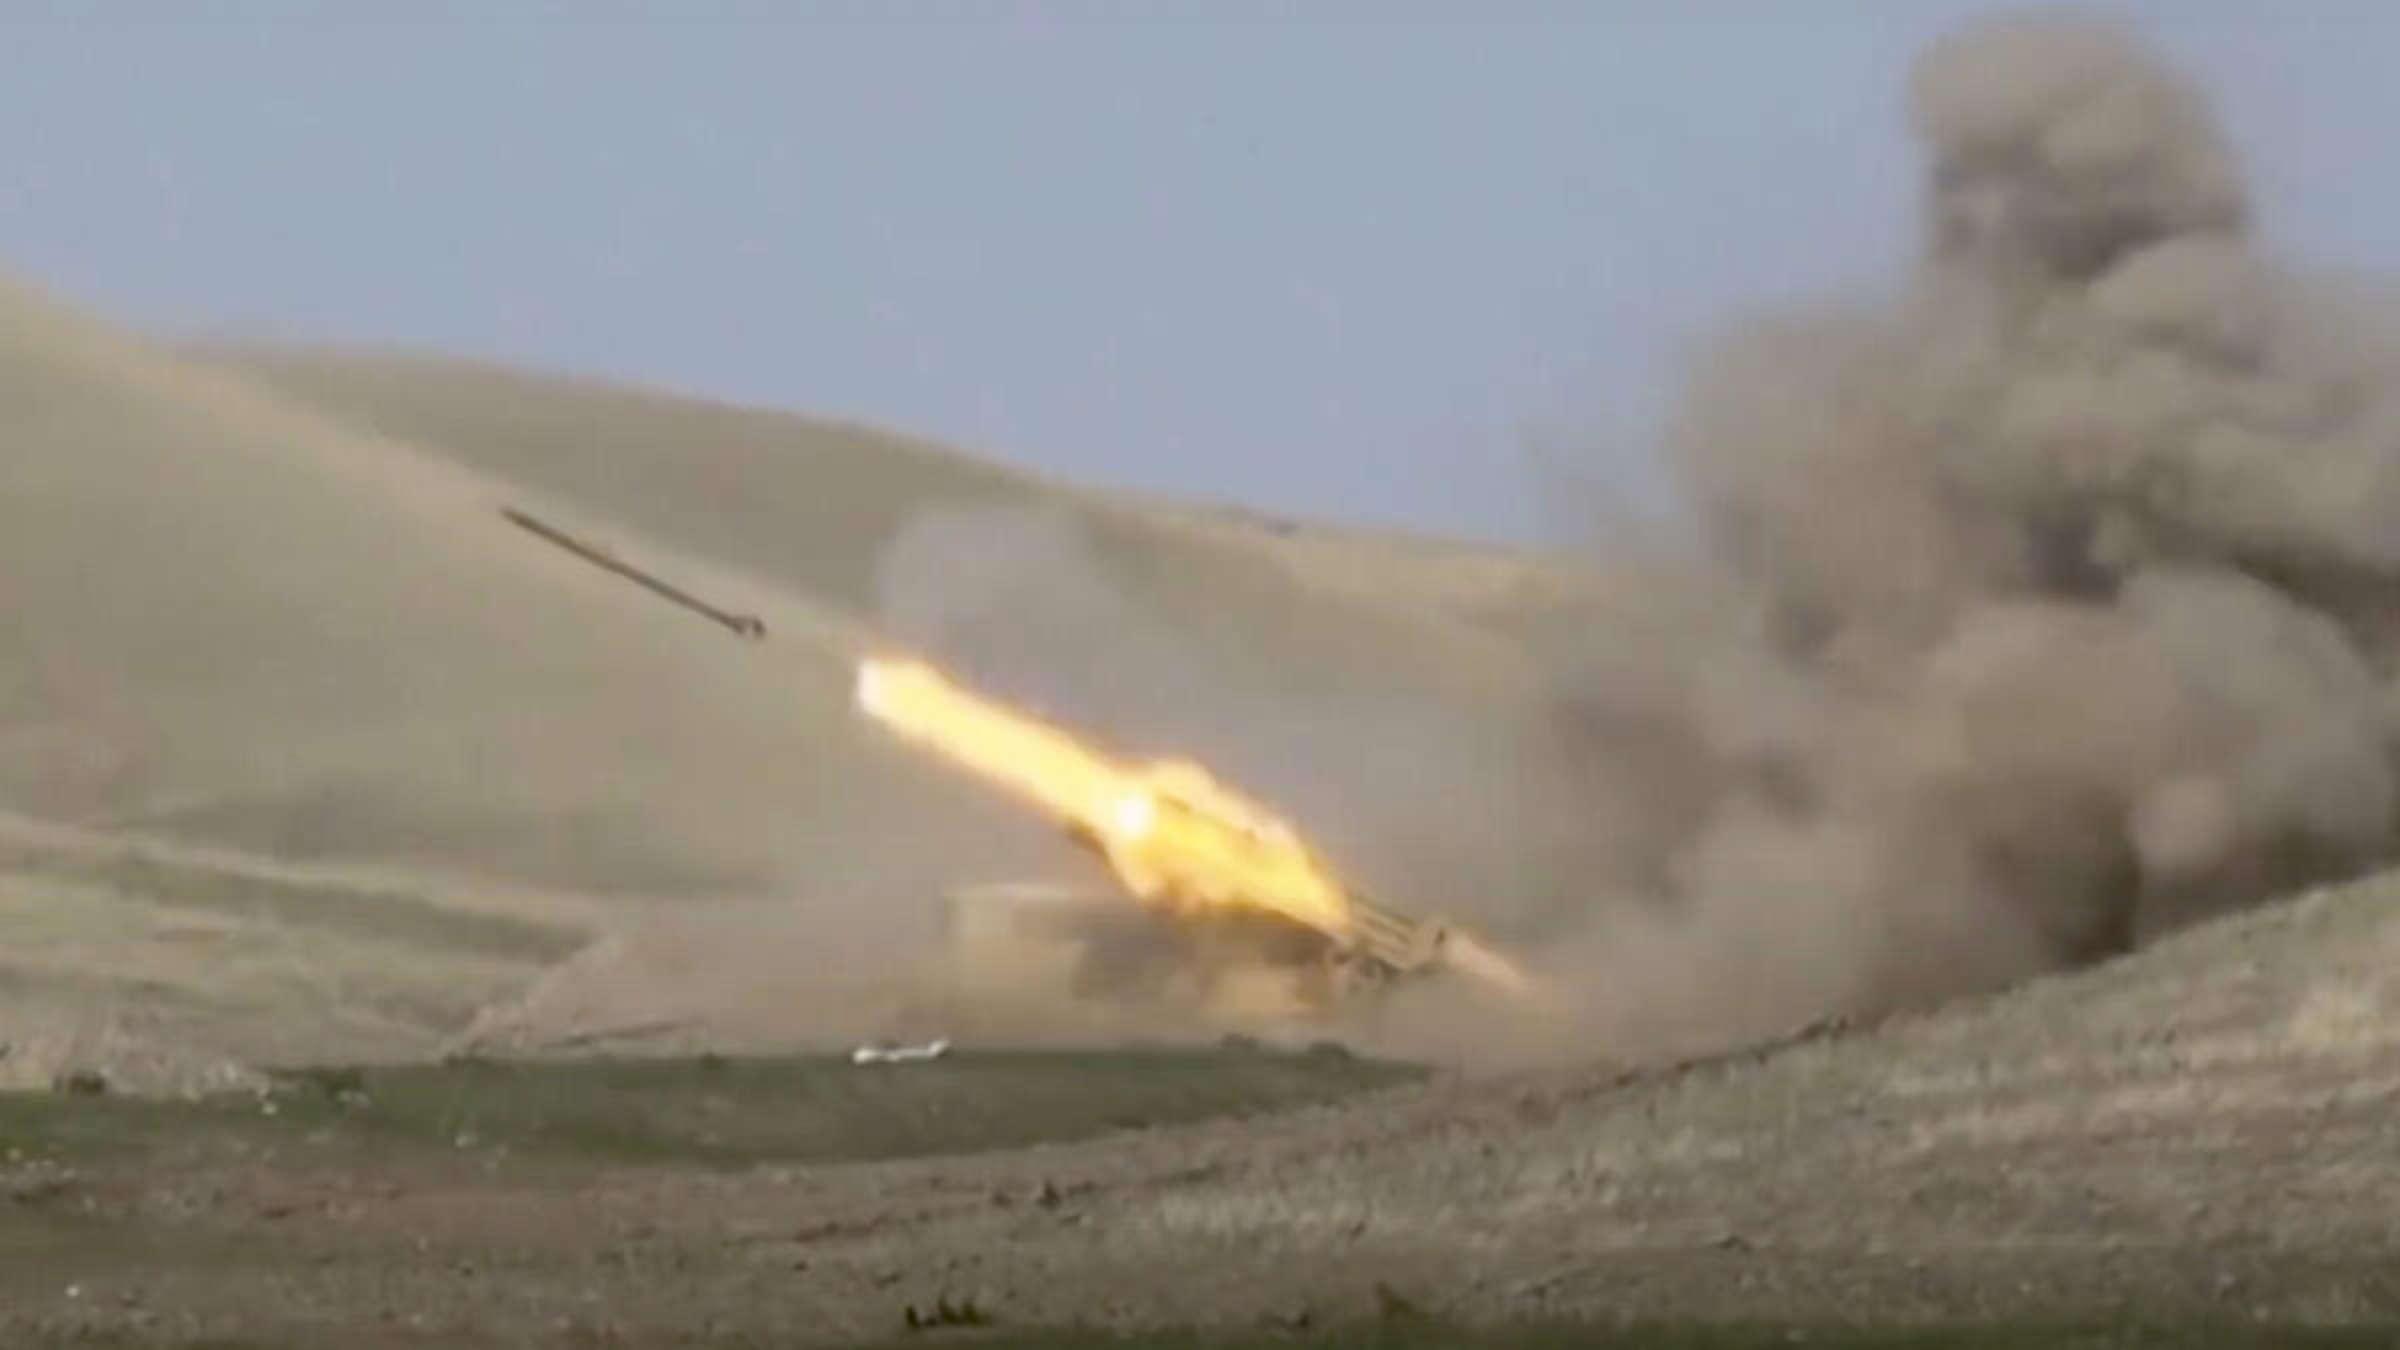 Krieg In Bergkarabach Turkei Soll Armenische Militarmaschine Abgeschossen Haben Ankara Dementiert Politik